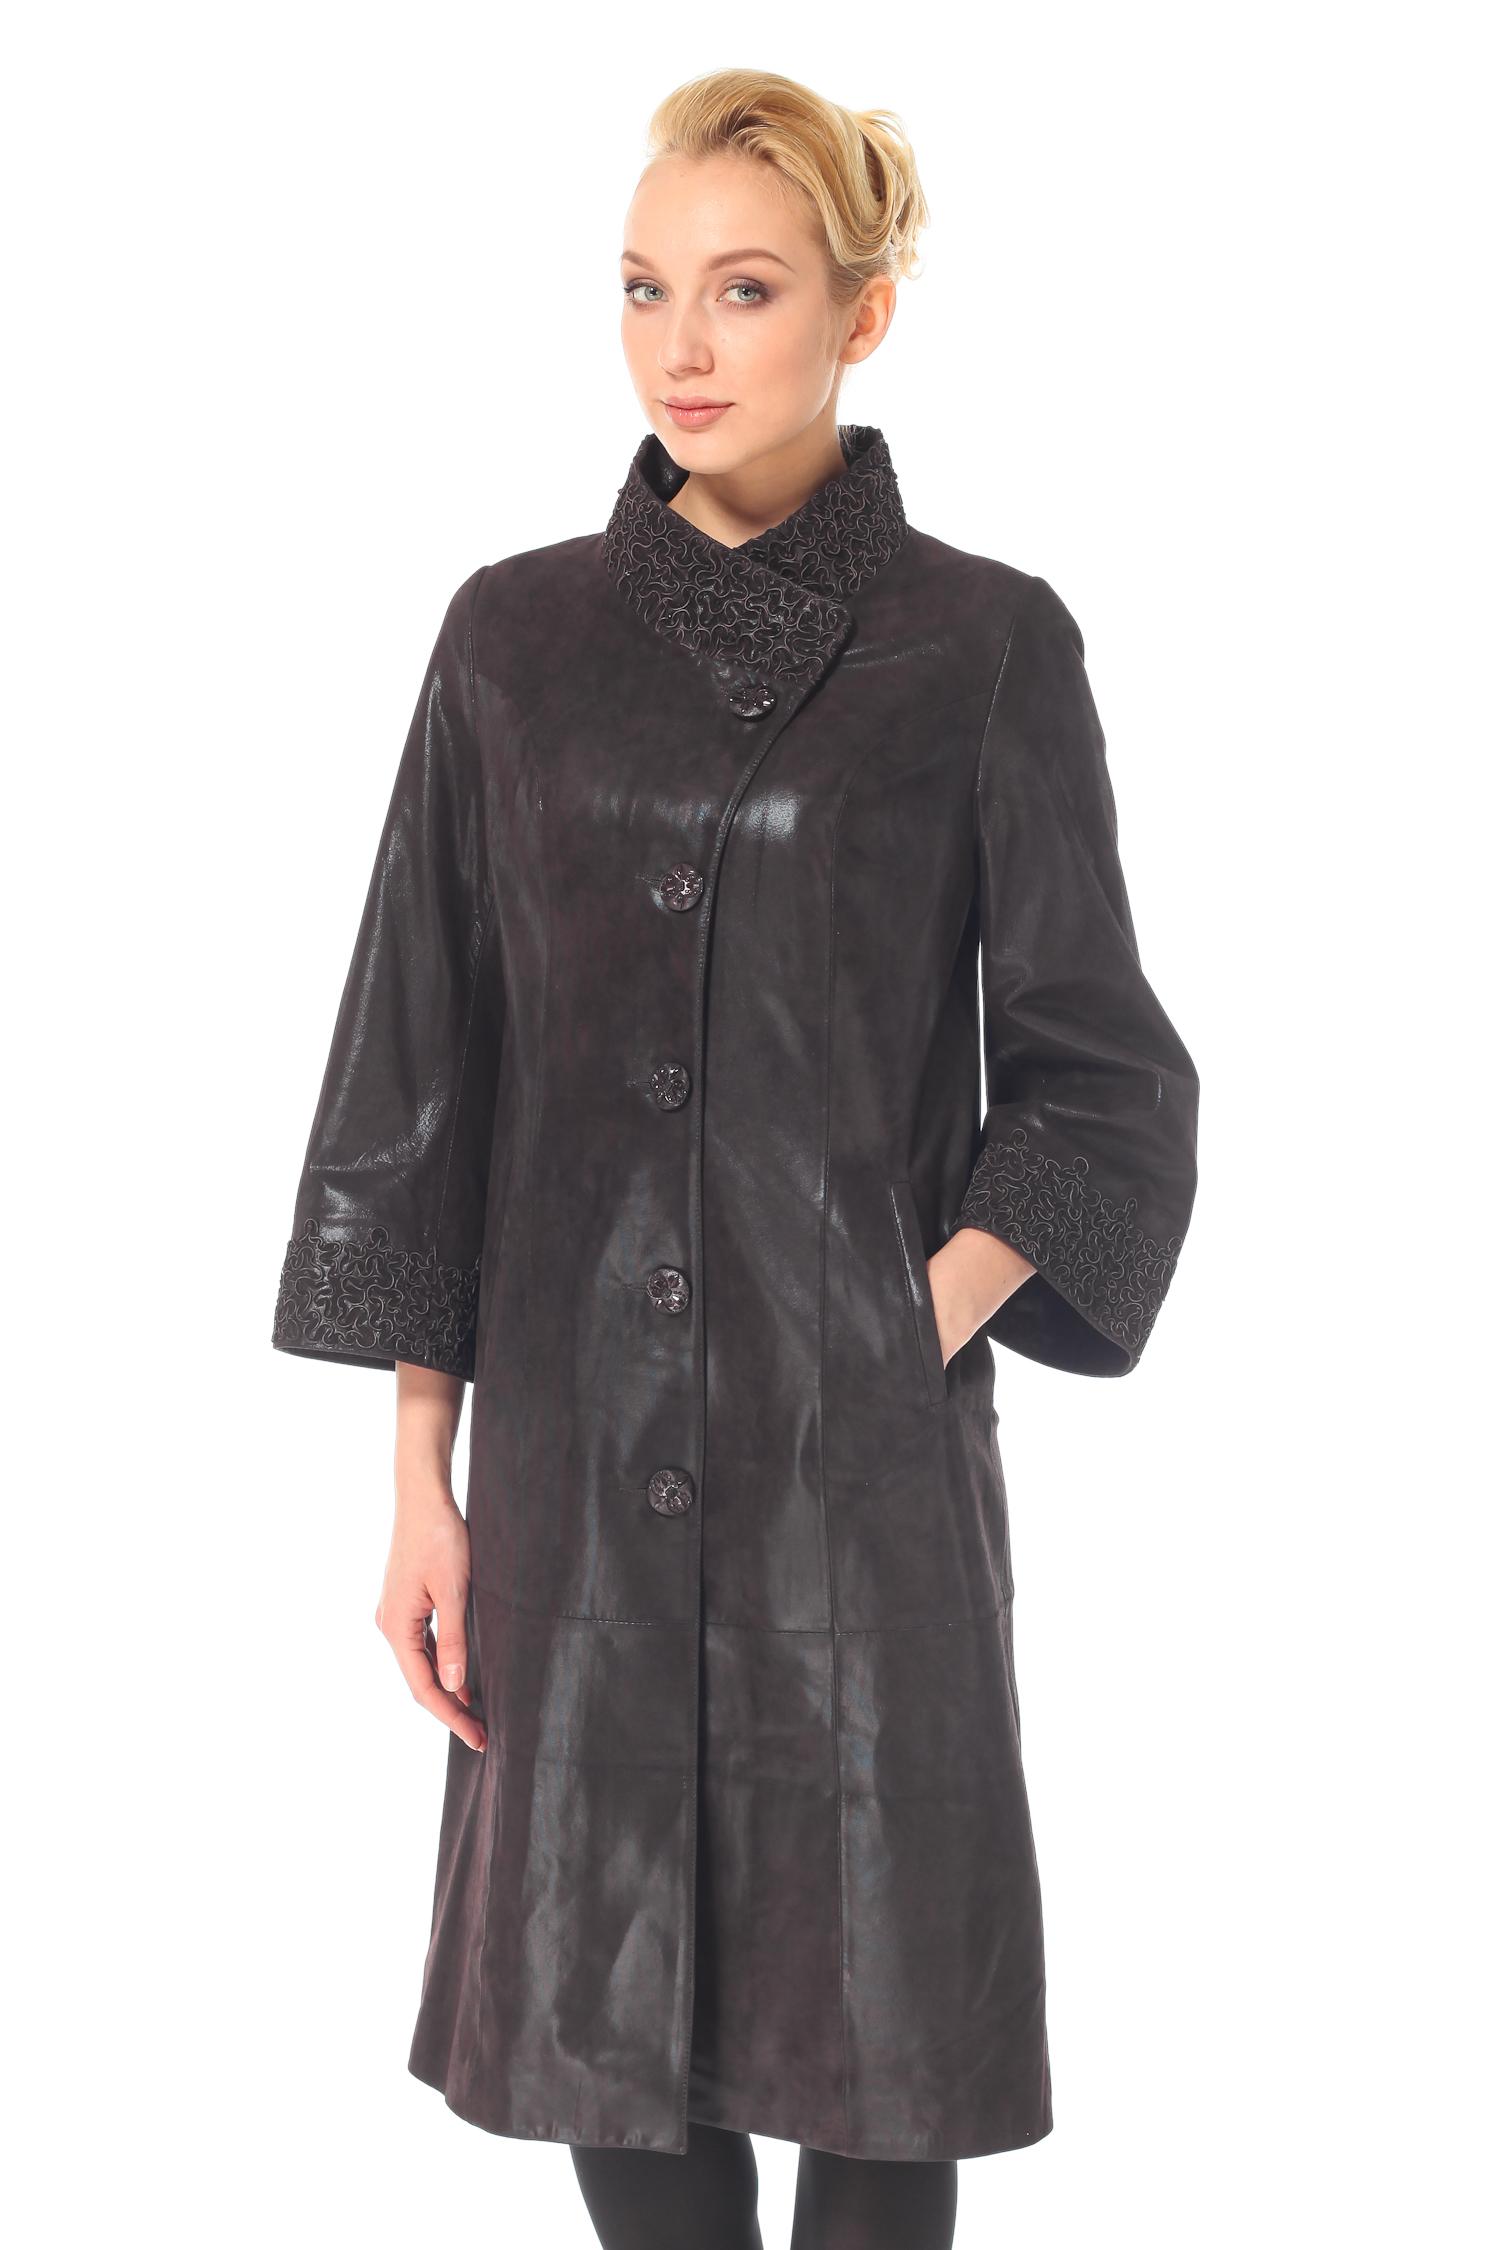 Женское кожаное пальто из натуральной замши (с накатом) с воротником, без отделки<br><br>Воротник: стойка<br>Длина см: Длинная (свыше 90)<br>Материал: Замша<br>Цвет: фиолетовый<br>Пол: Женский<br>Размер RU: 48